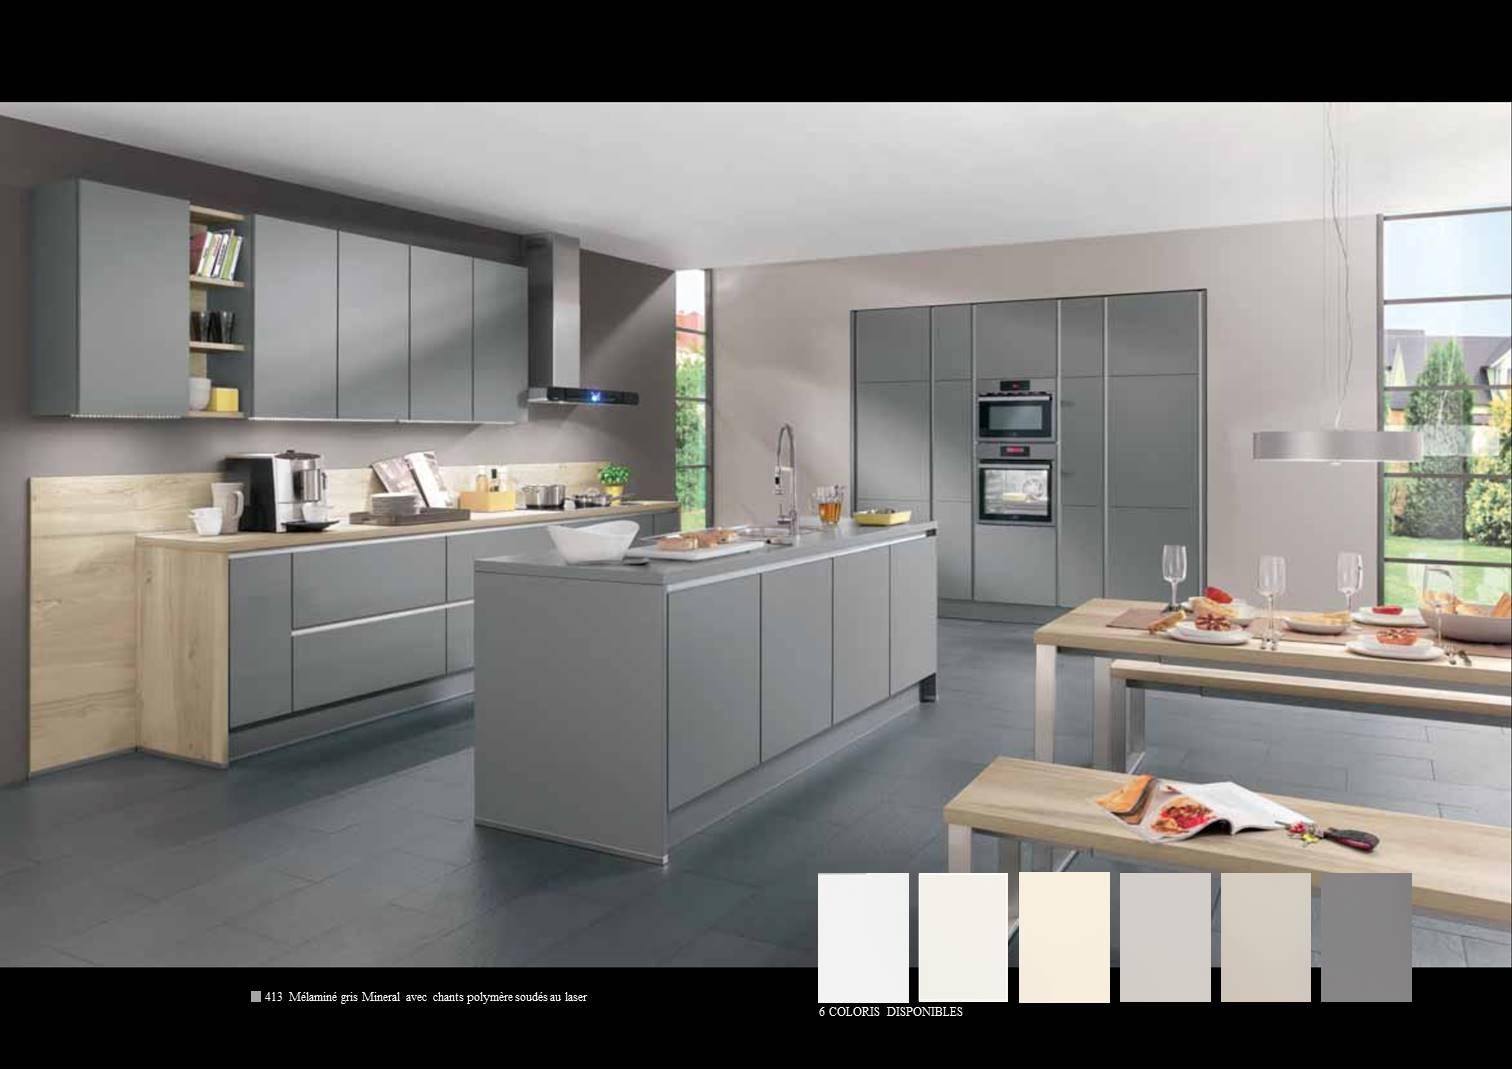 comparatif cuisiniste simple comparatif cuisiniste with comparatif cuisiniste faire appel un. Black Bedroom Furniture Sets. Home Design Ideas